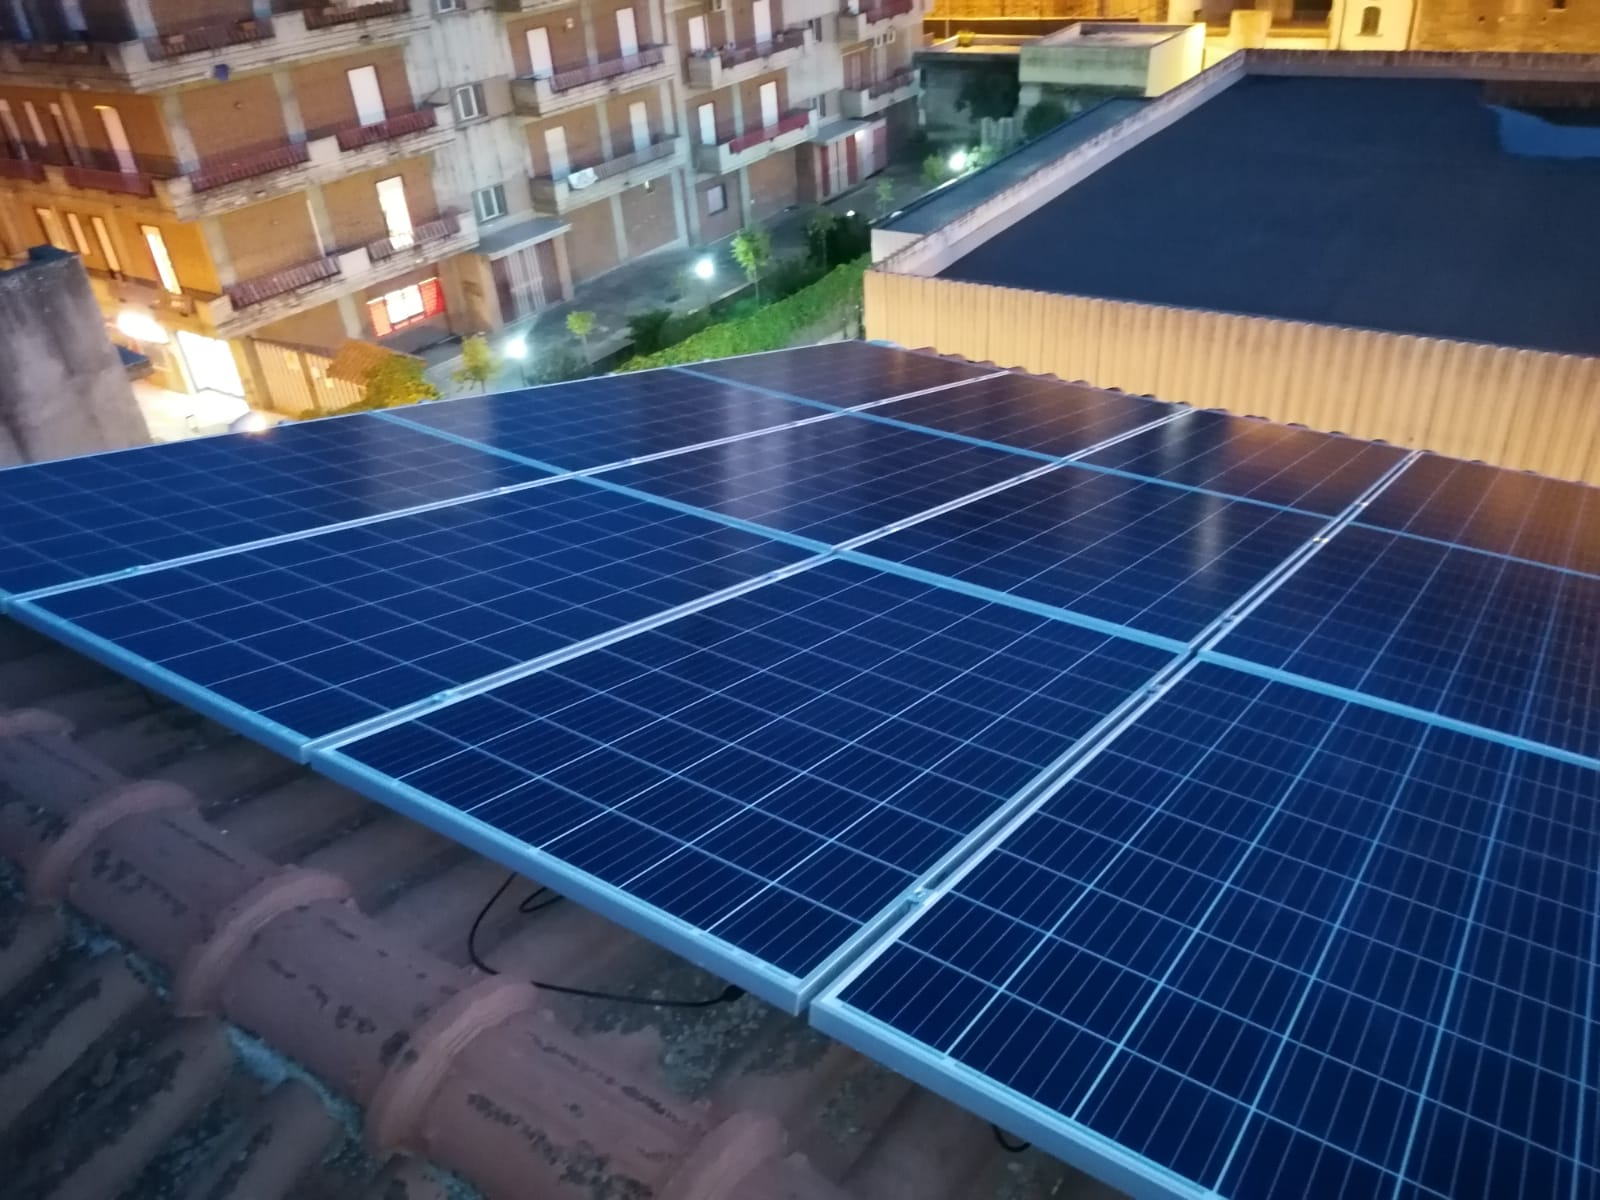 foto di inquadratura diversa per impianto fotovoltaico su tutta esposizione a sud